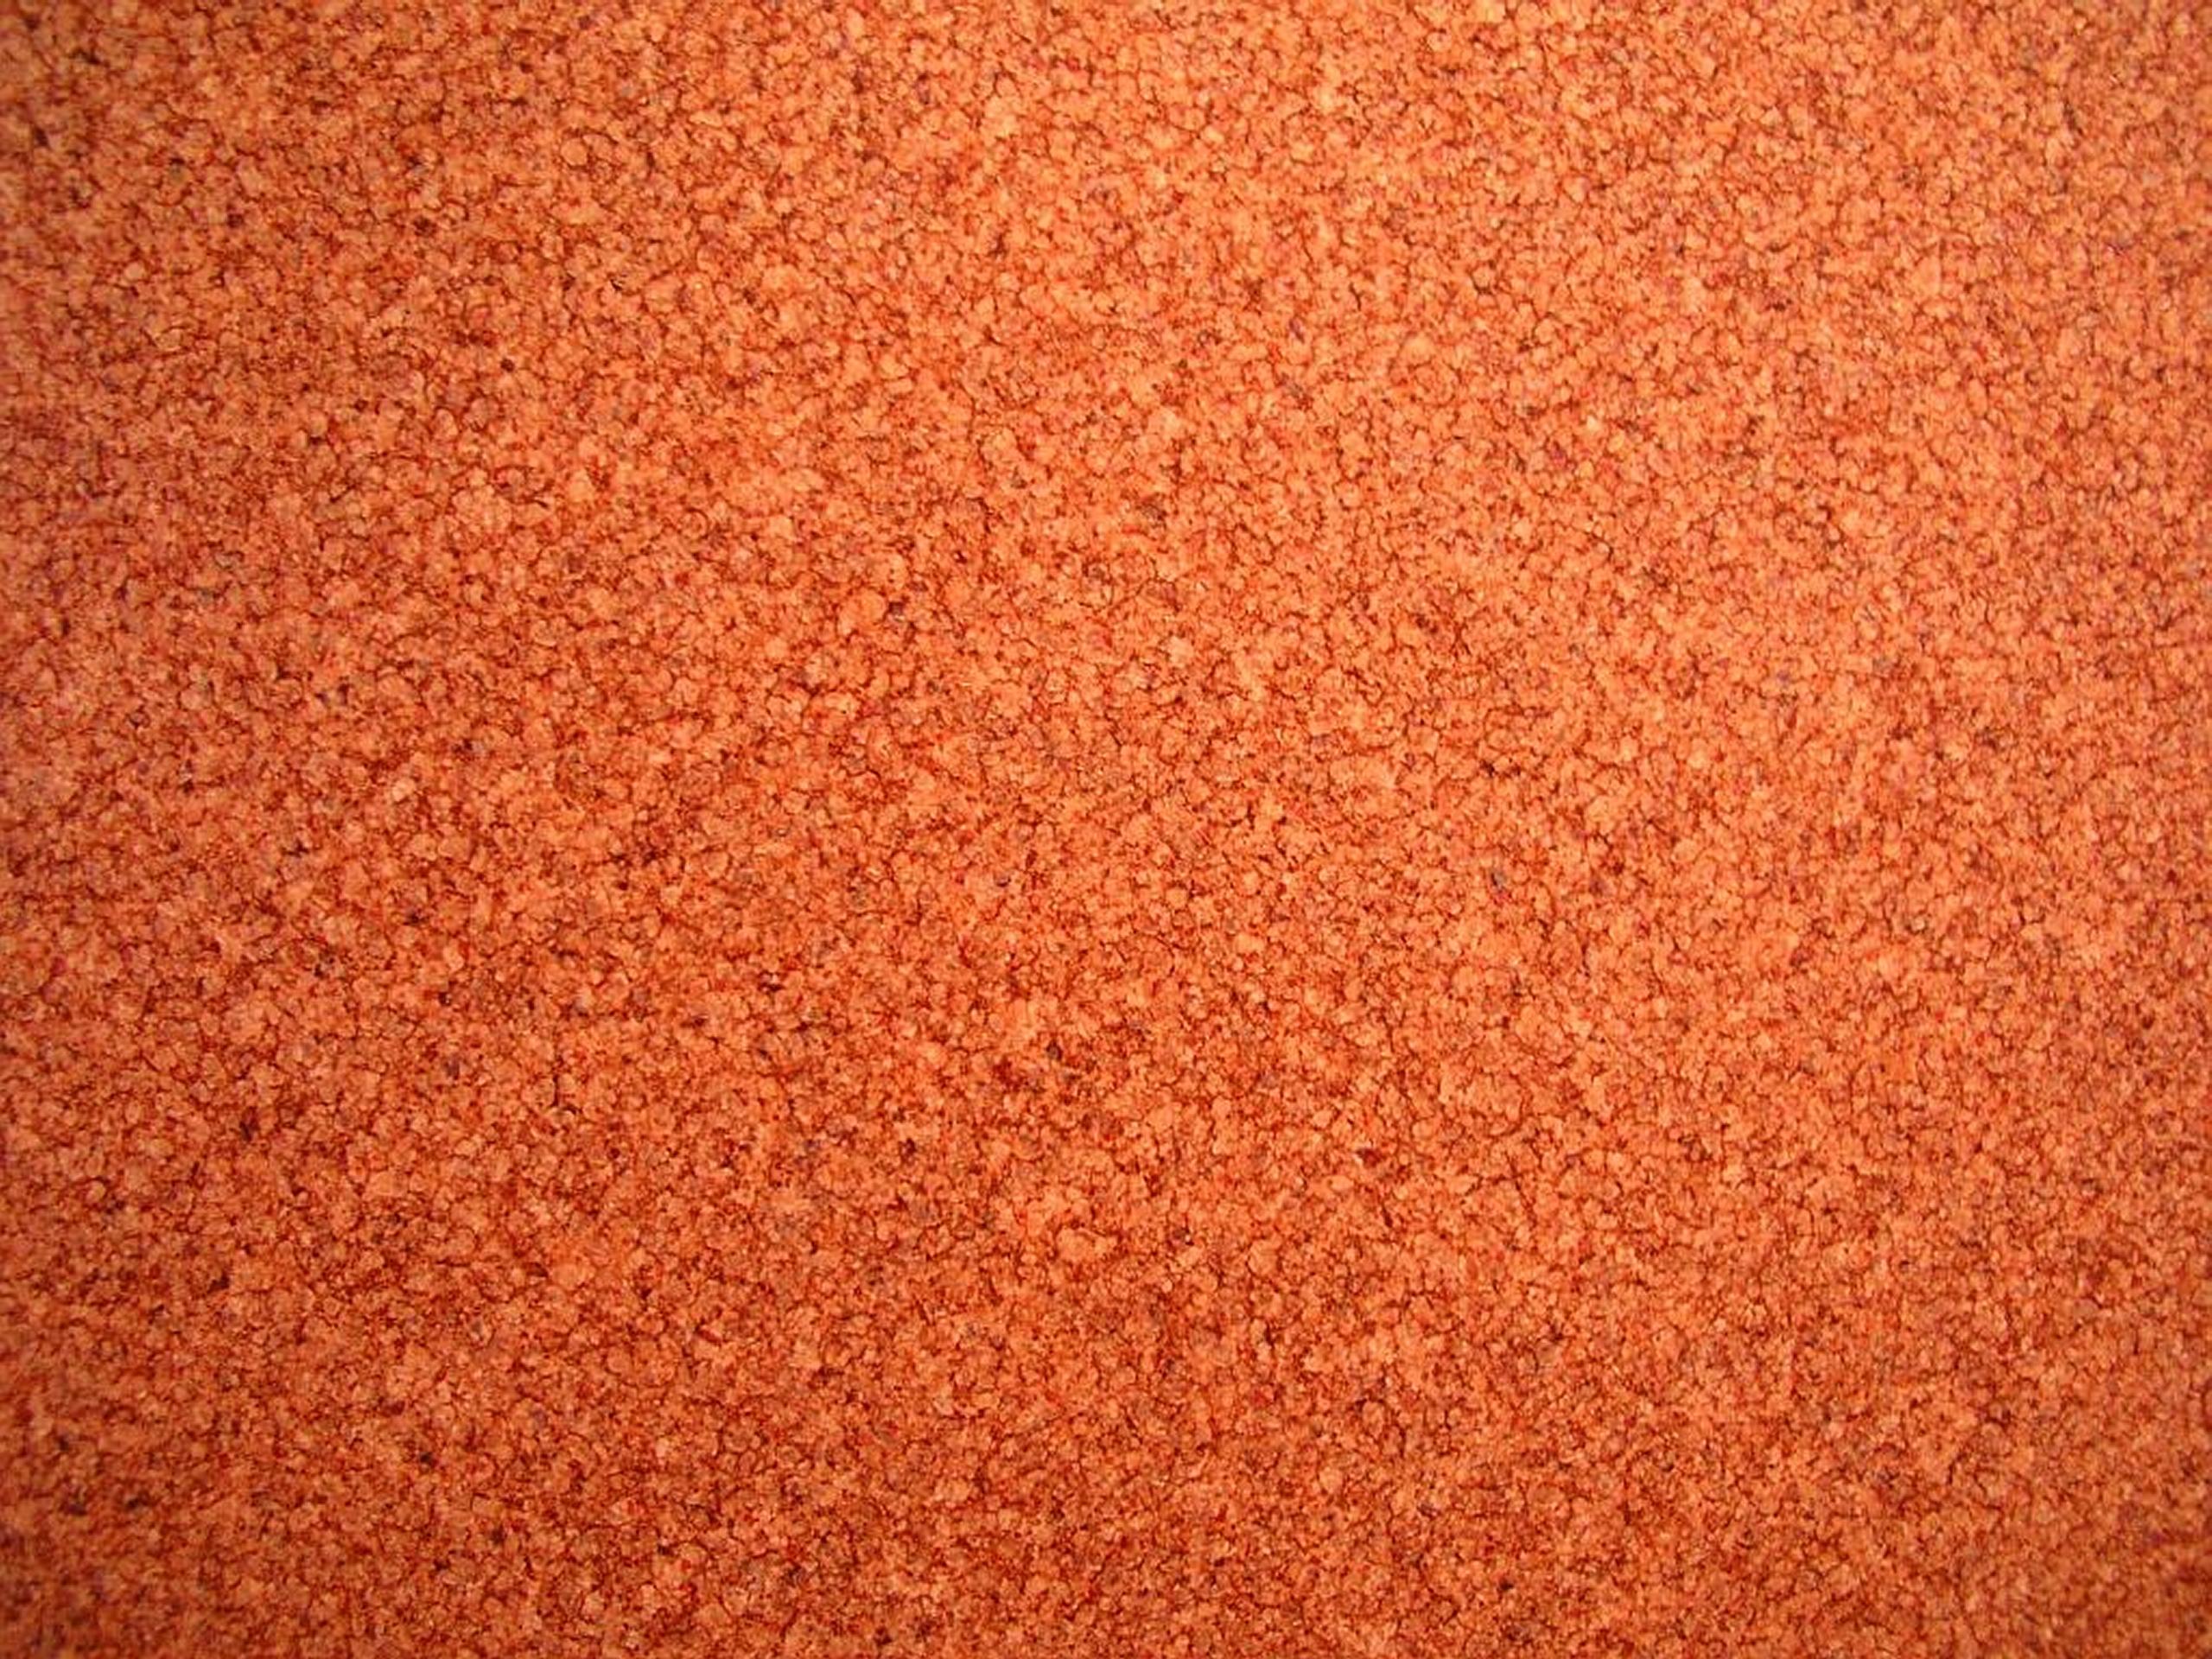 High quality dark orange linoleum flooring textures for Textured linoleum flooring